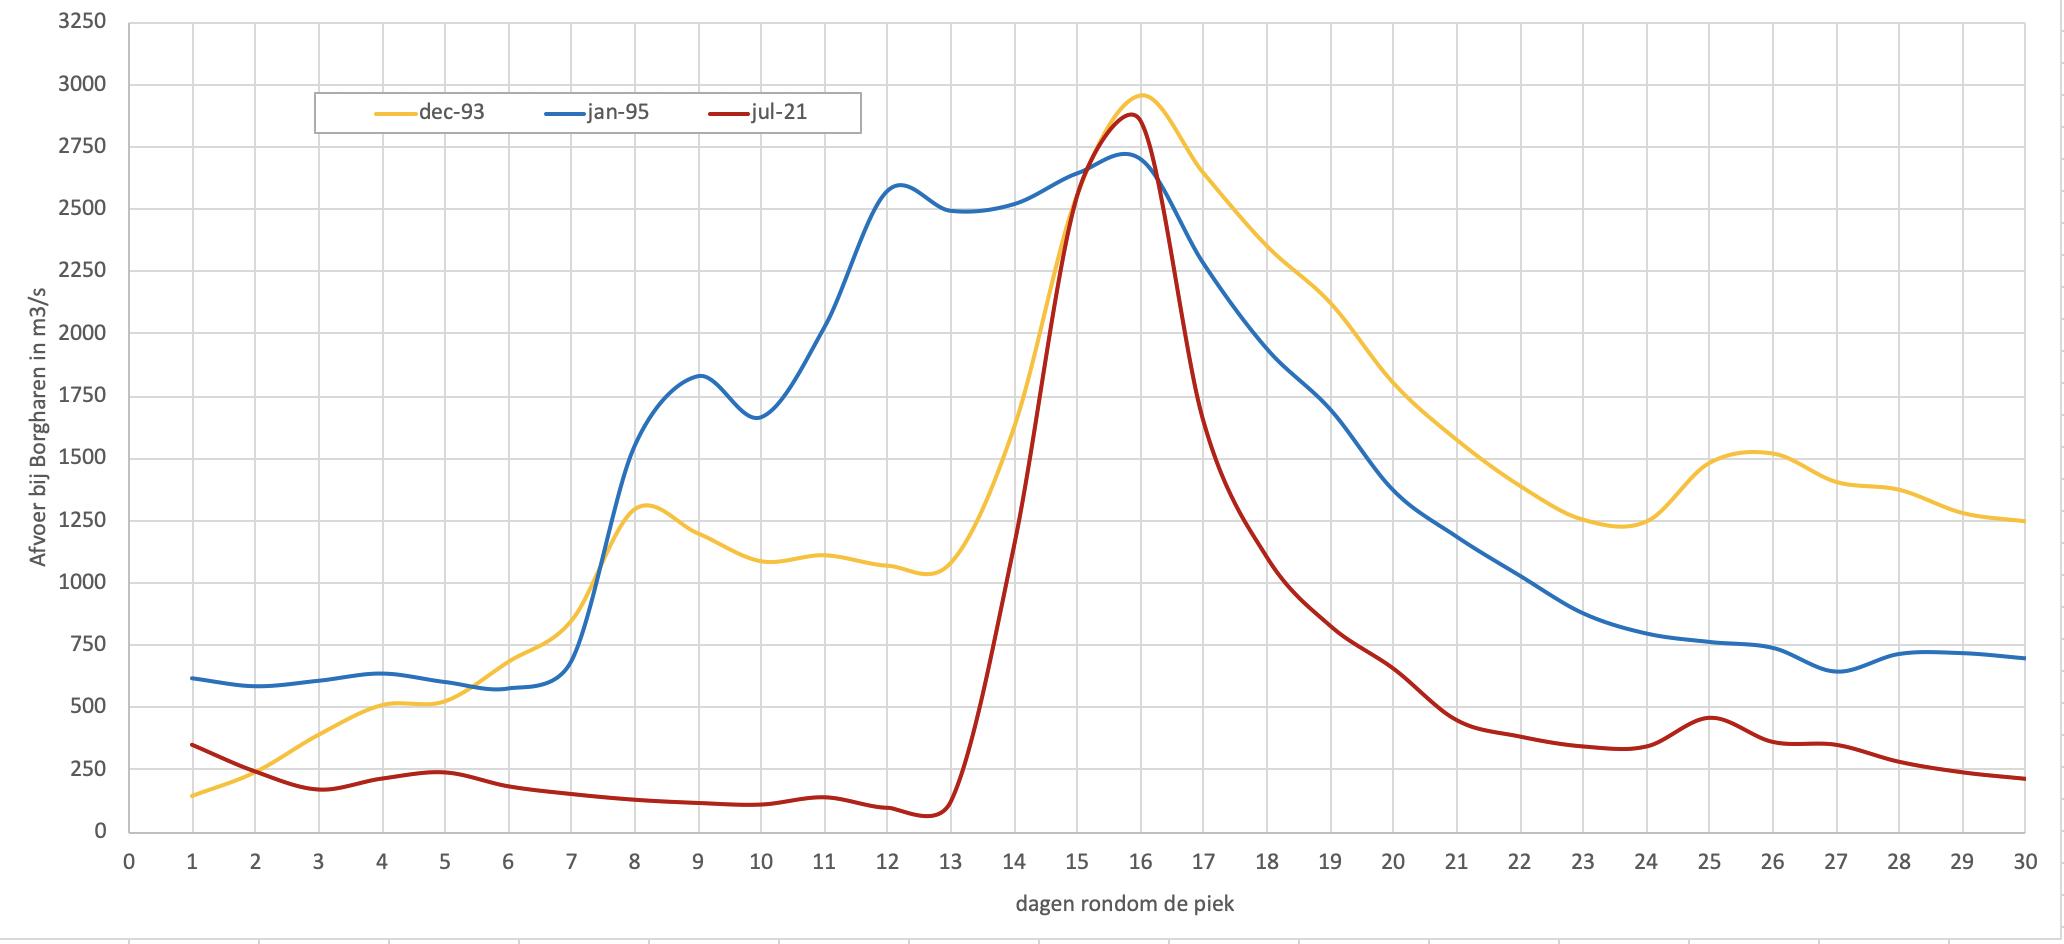 Afvoerverloop bij Borgharen van de hoogwatergolven van 1993, 1995 en 2021 in de weken rondom de piek